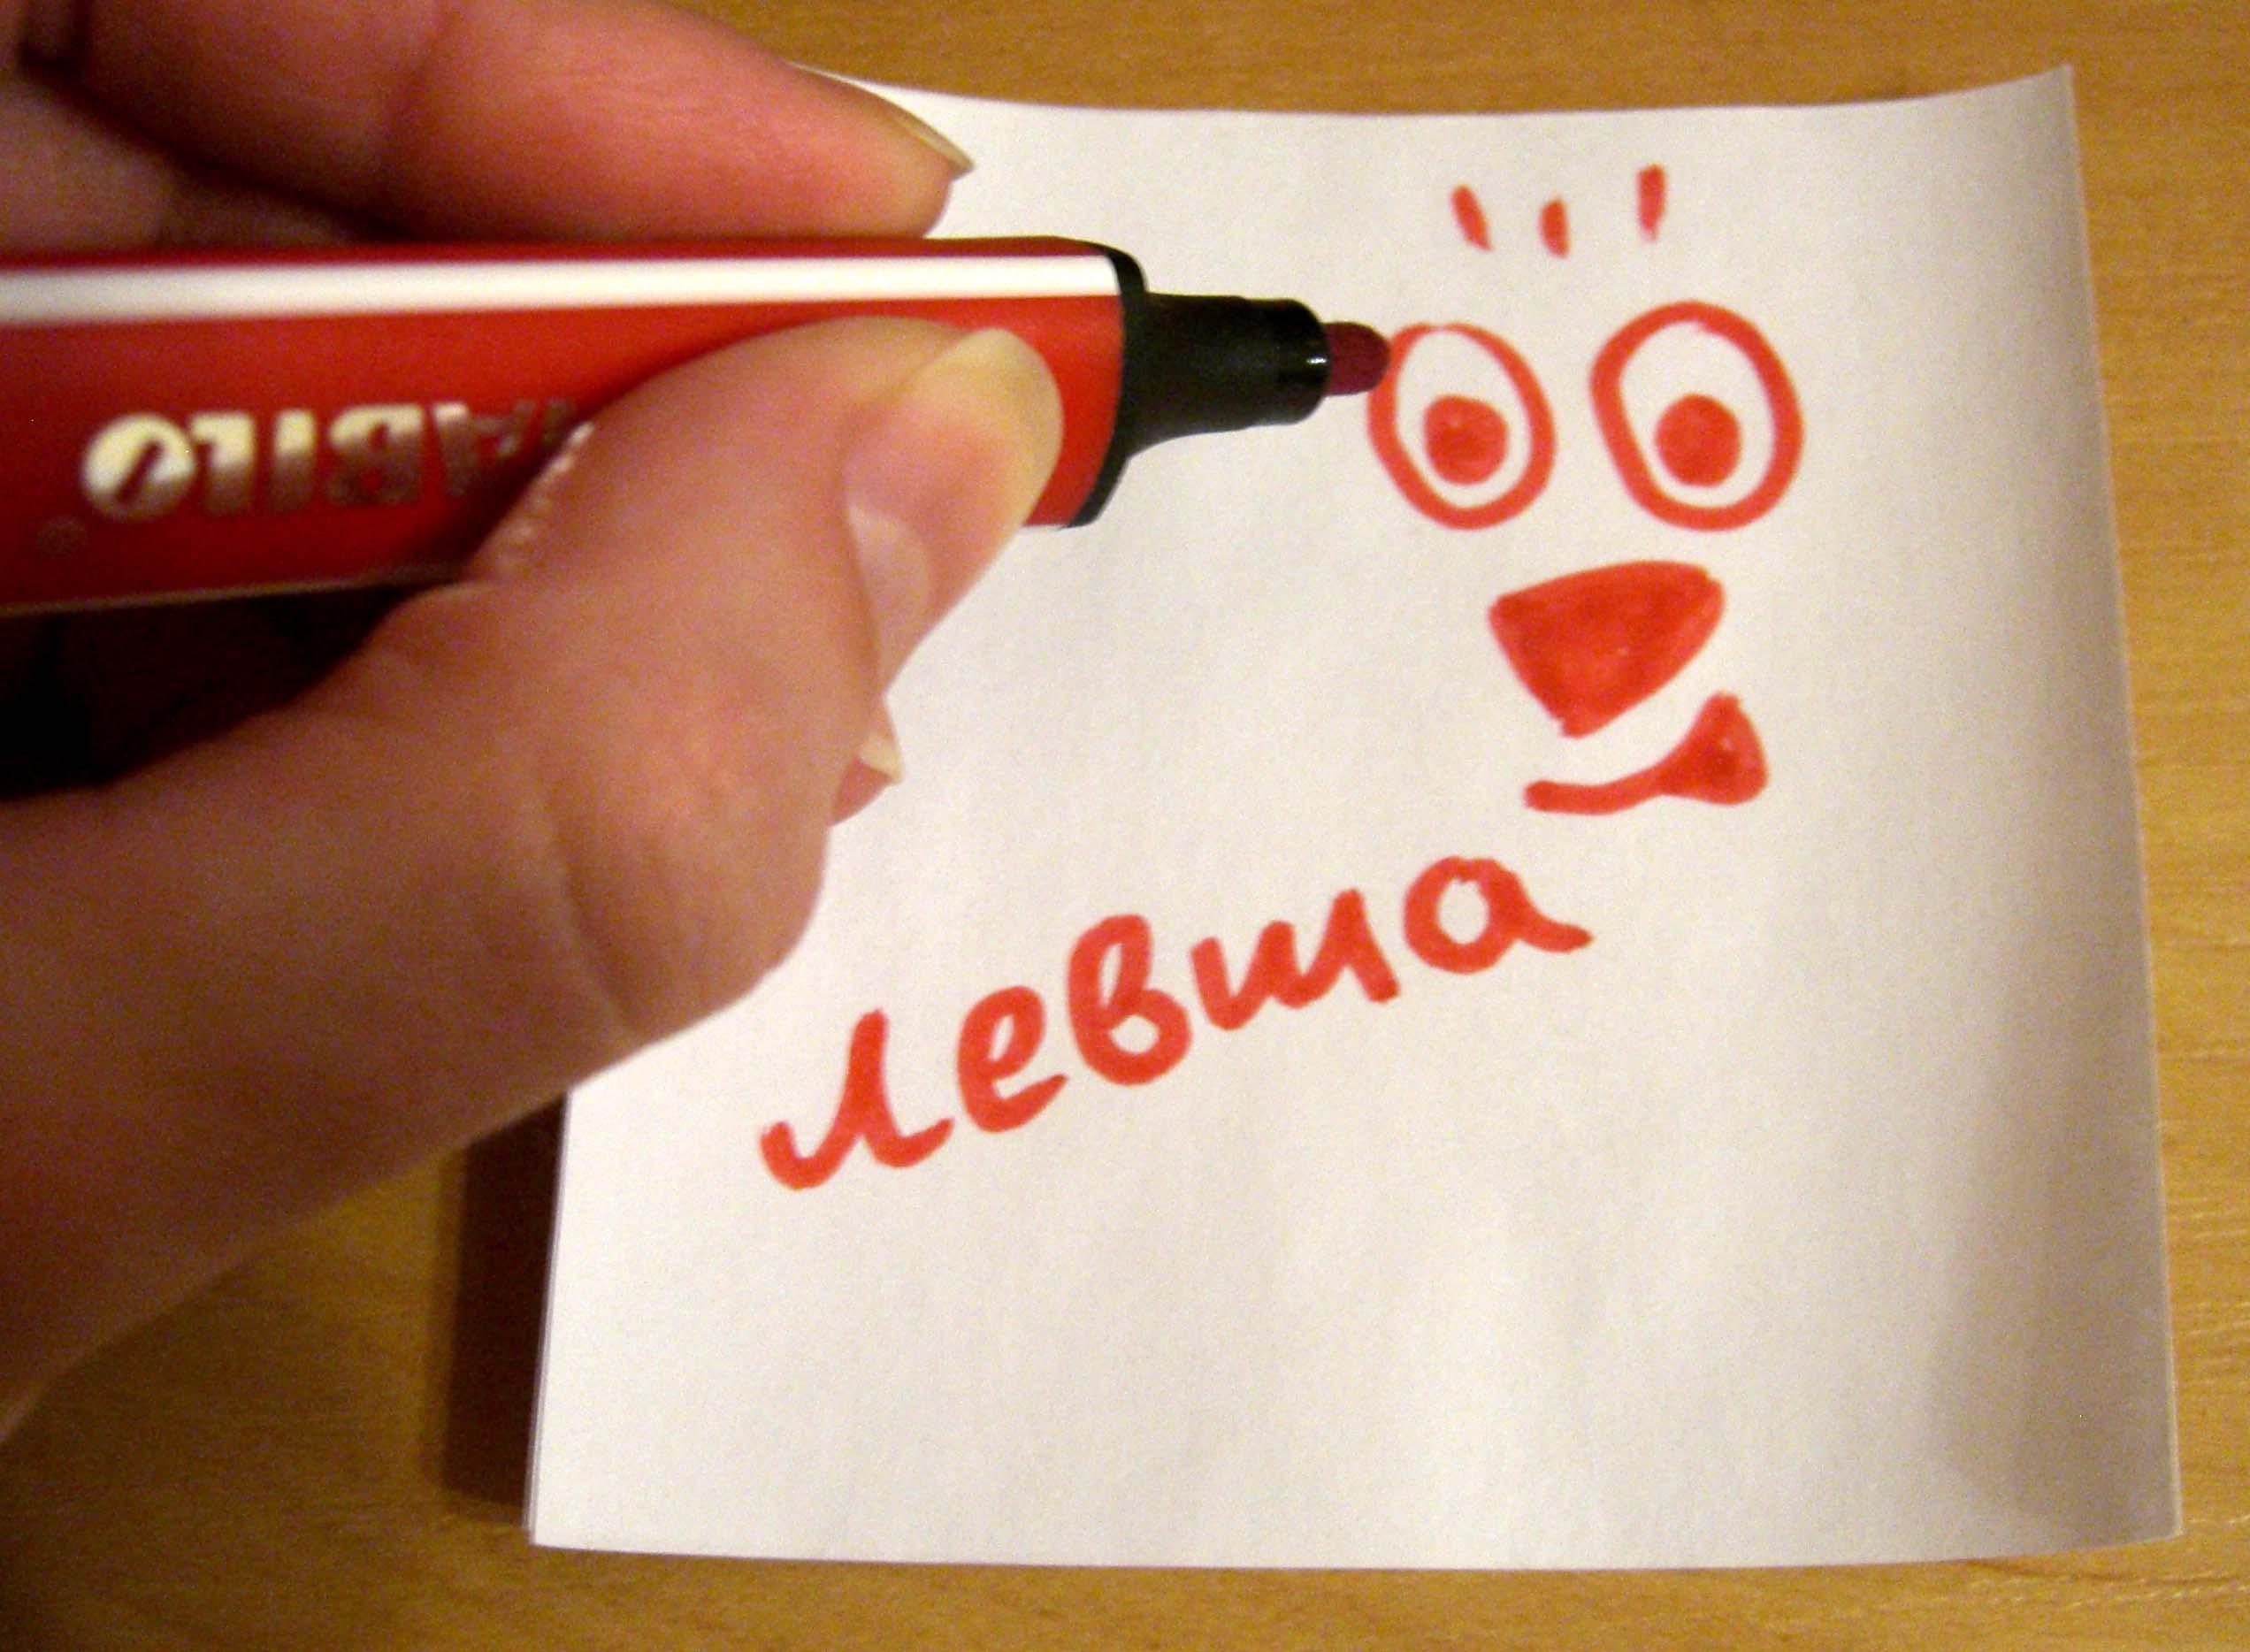 levsha1